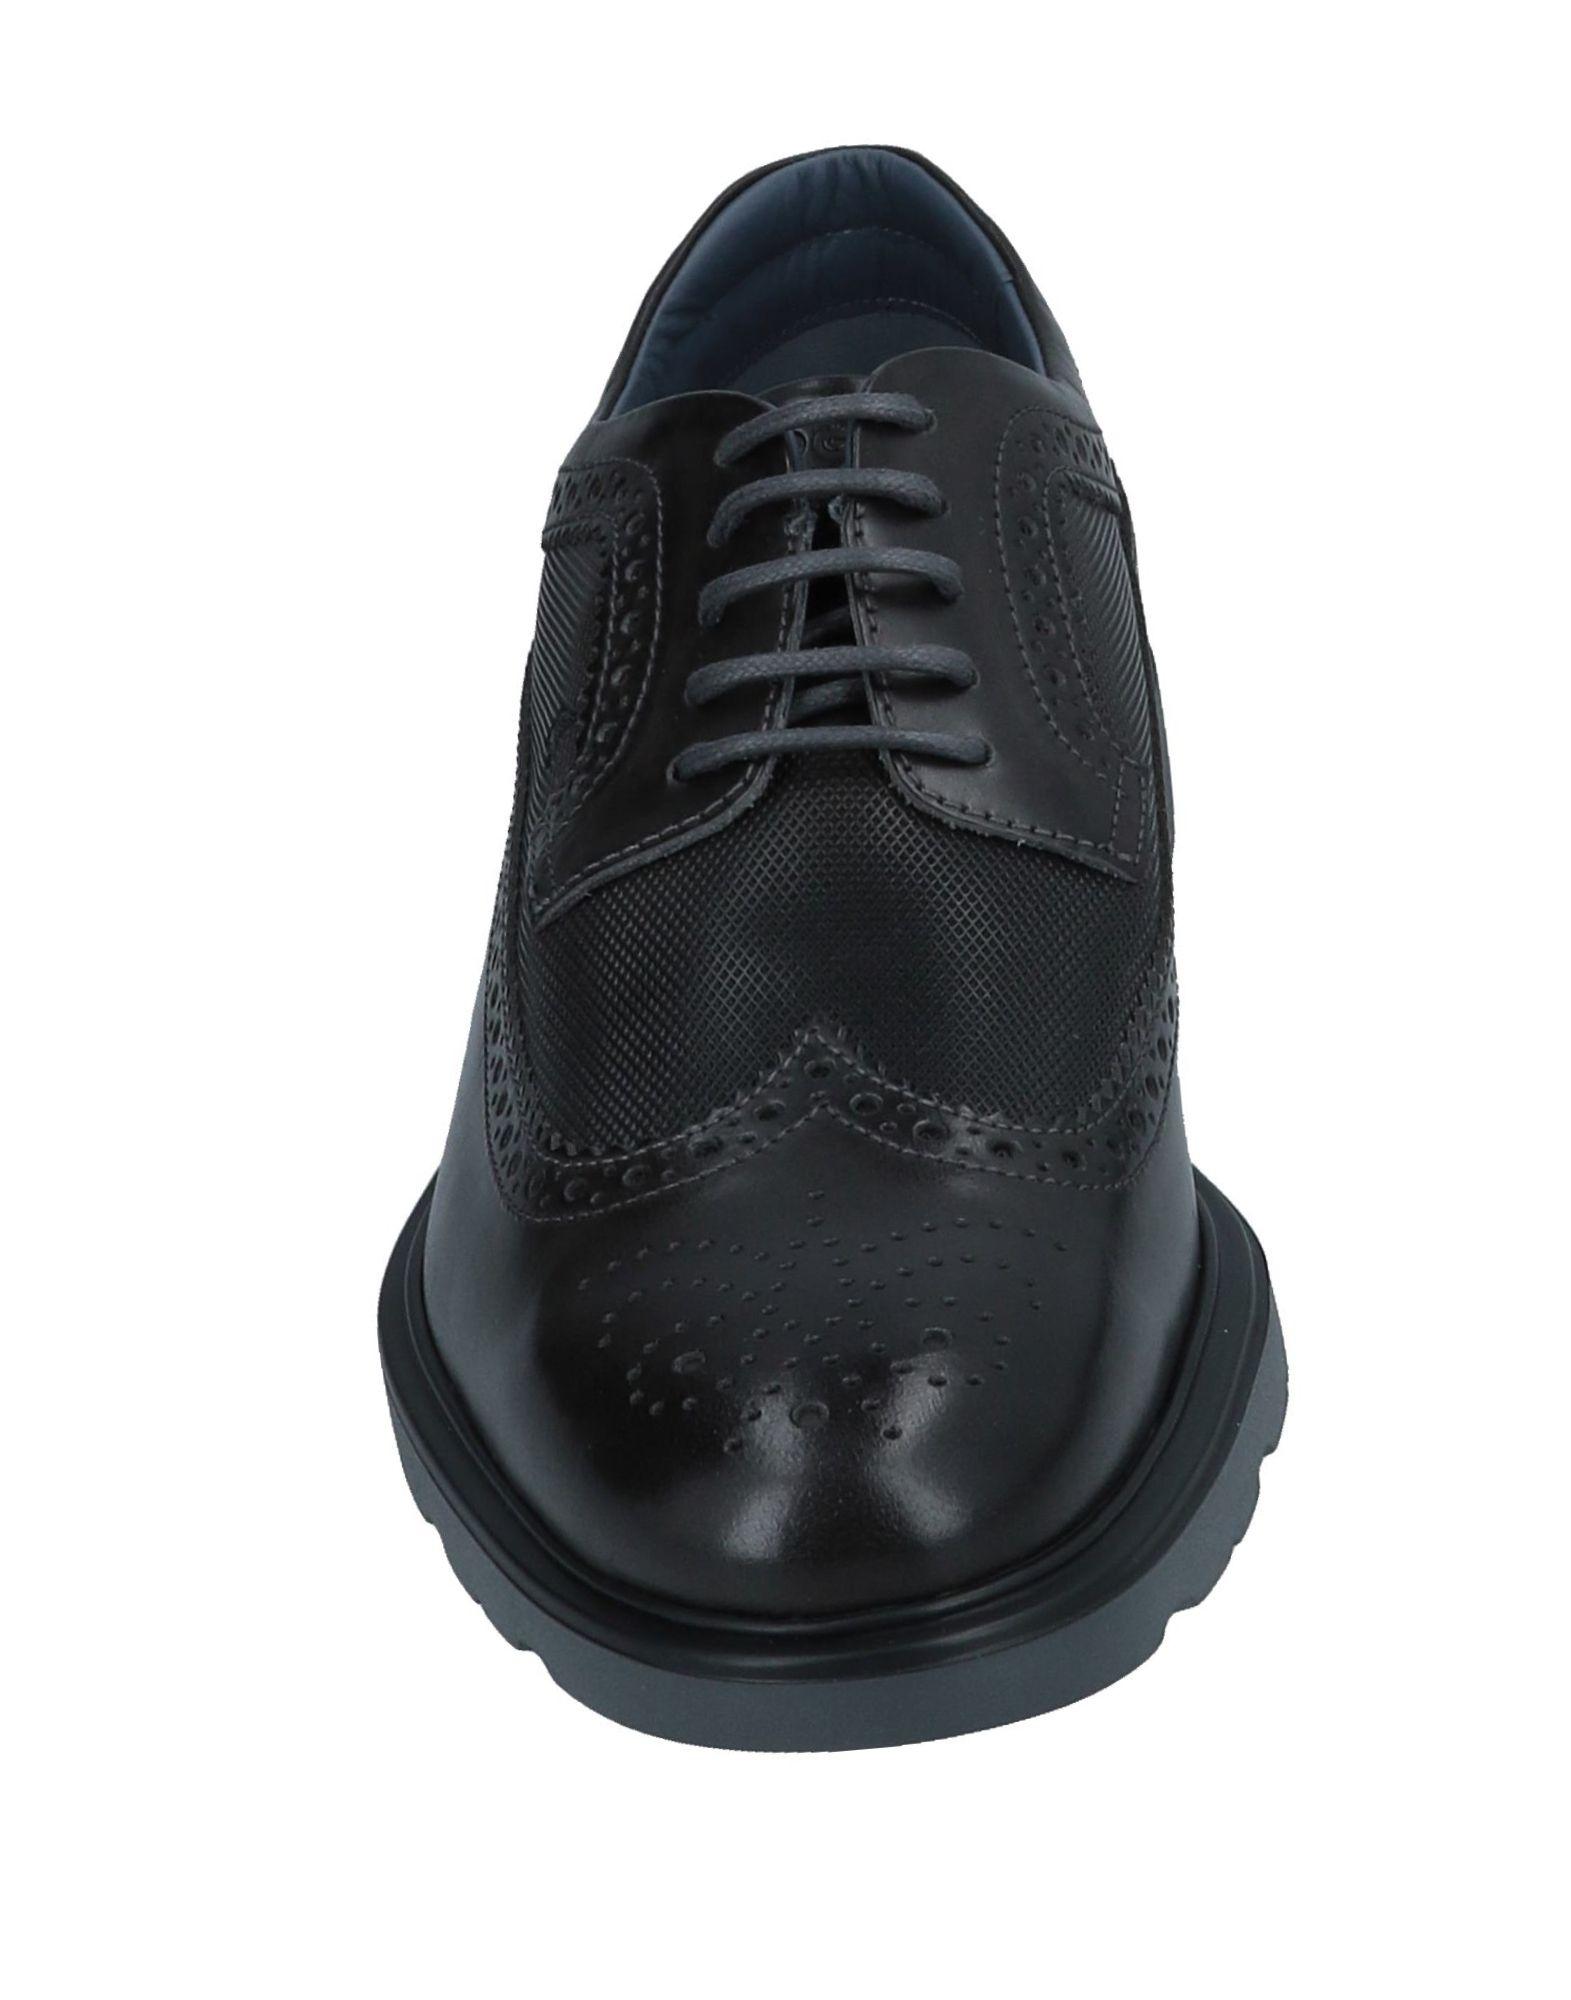 Hogan Schnürschuhe Herren Qualität  11560755RL Gute Qualität Herren beliebte Schuhe f3878f